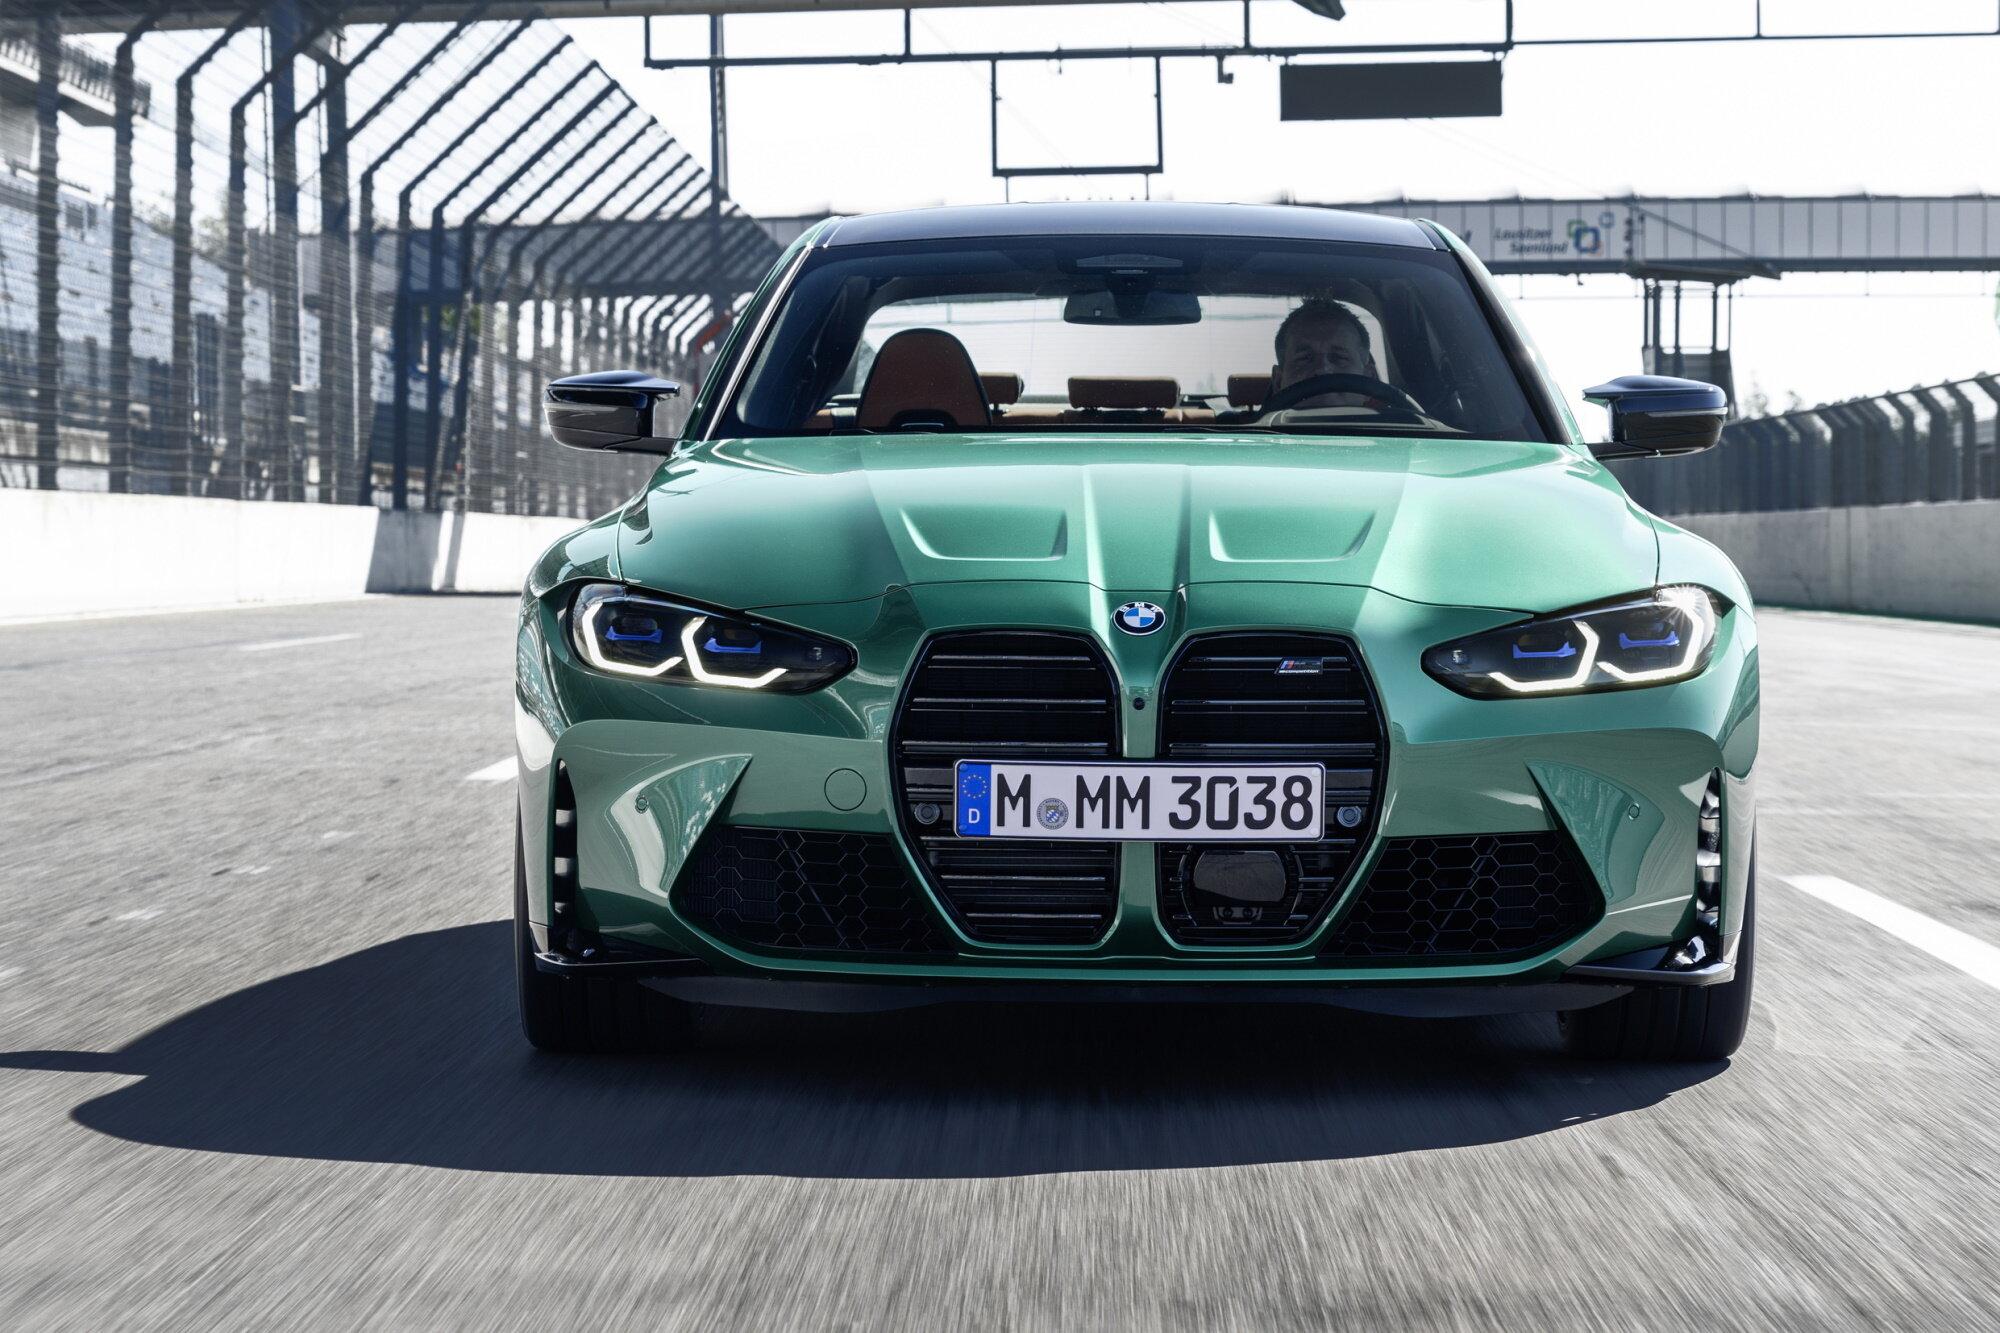 Новые BMW M3 2021 и M4 2021 в России: фото, цена, видео, характеристики БМВ